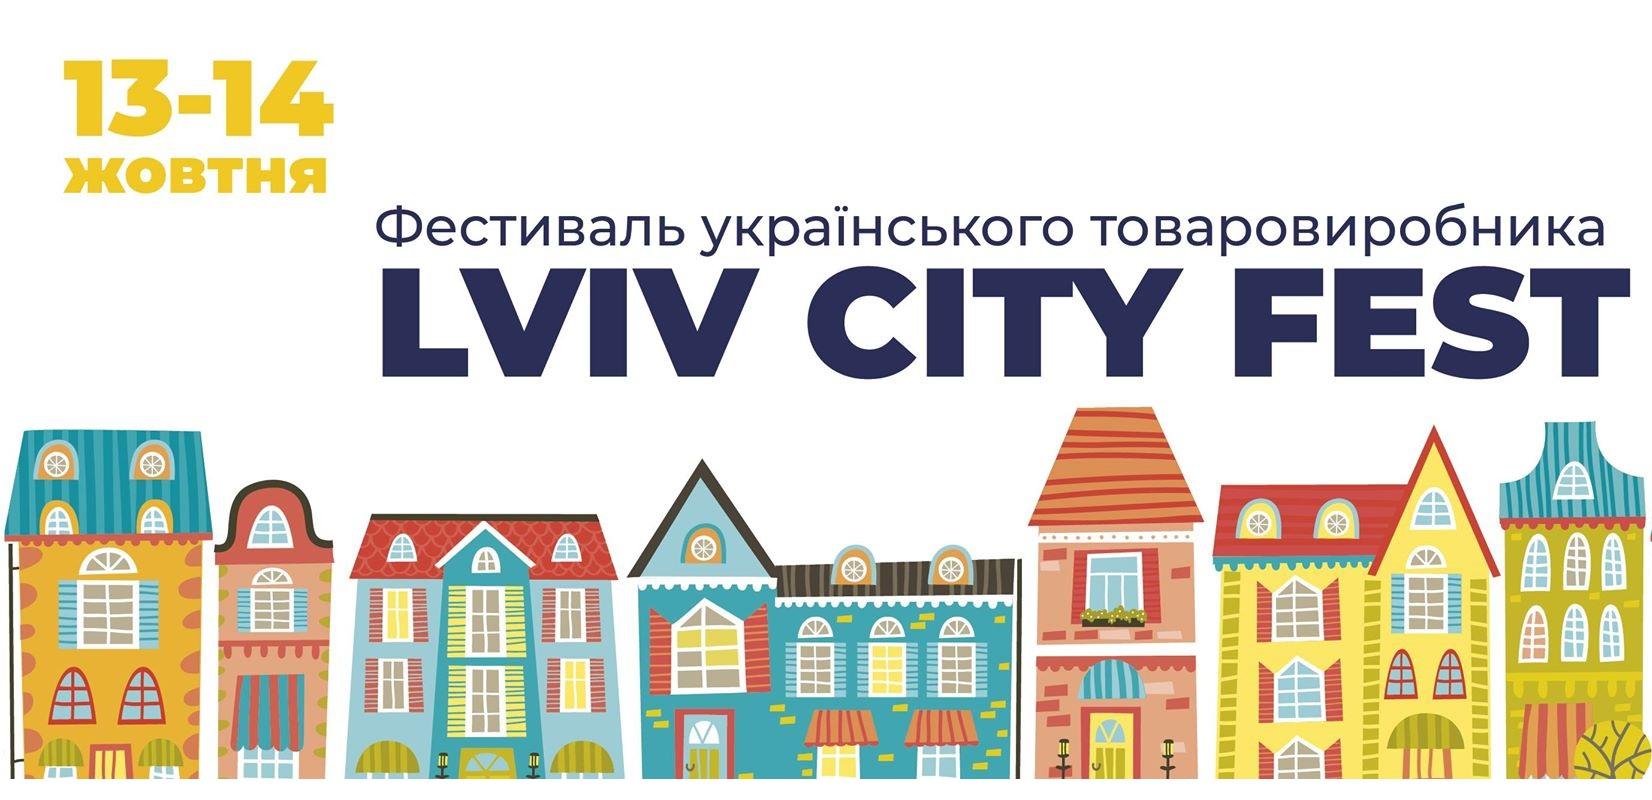 НаВерхньому Шуварі відбудеться благодійний фестиваль «Lviv City Fest»